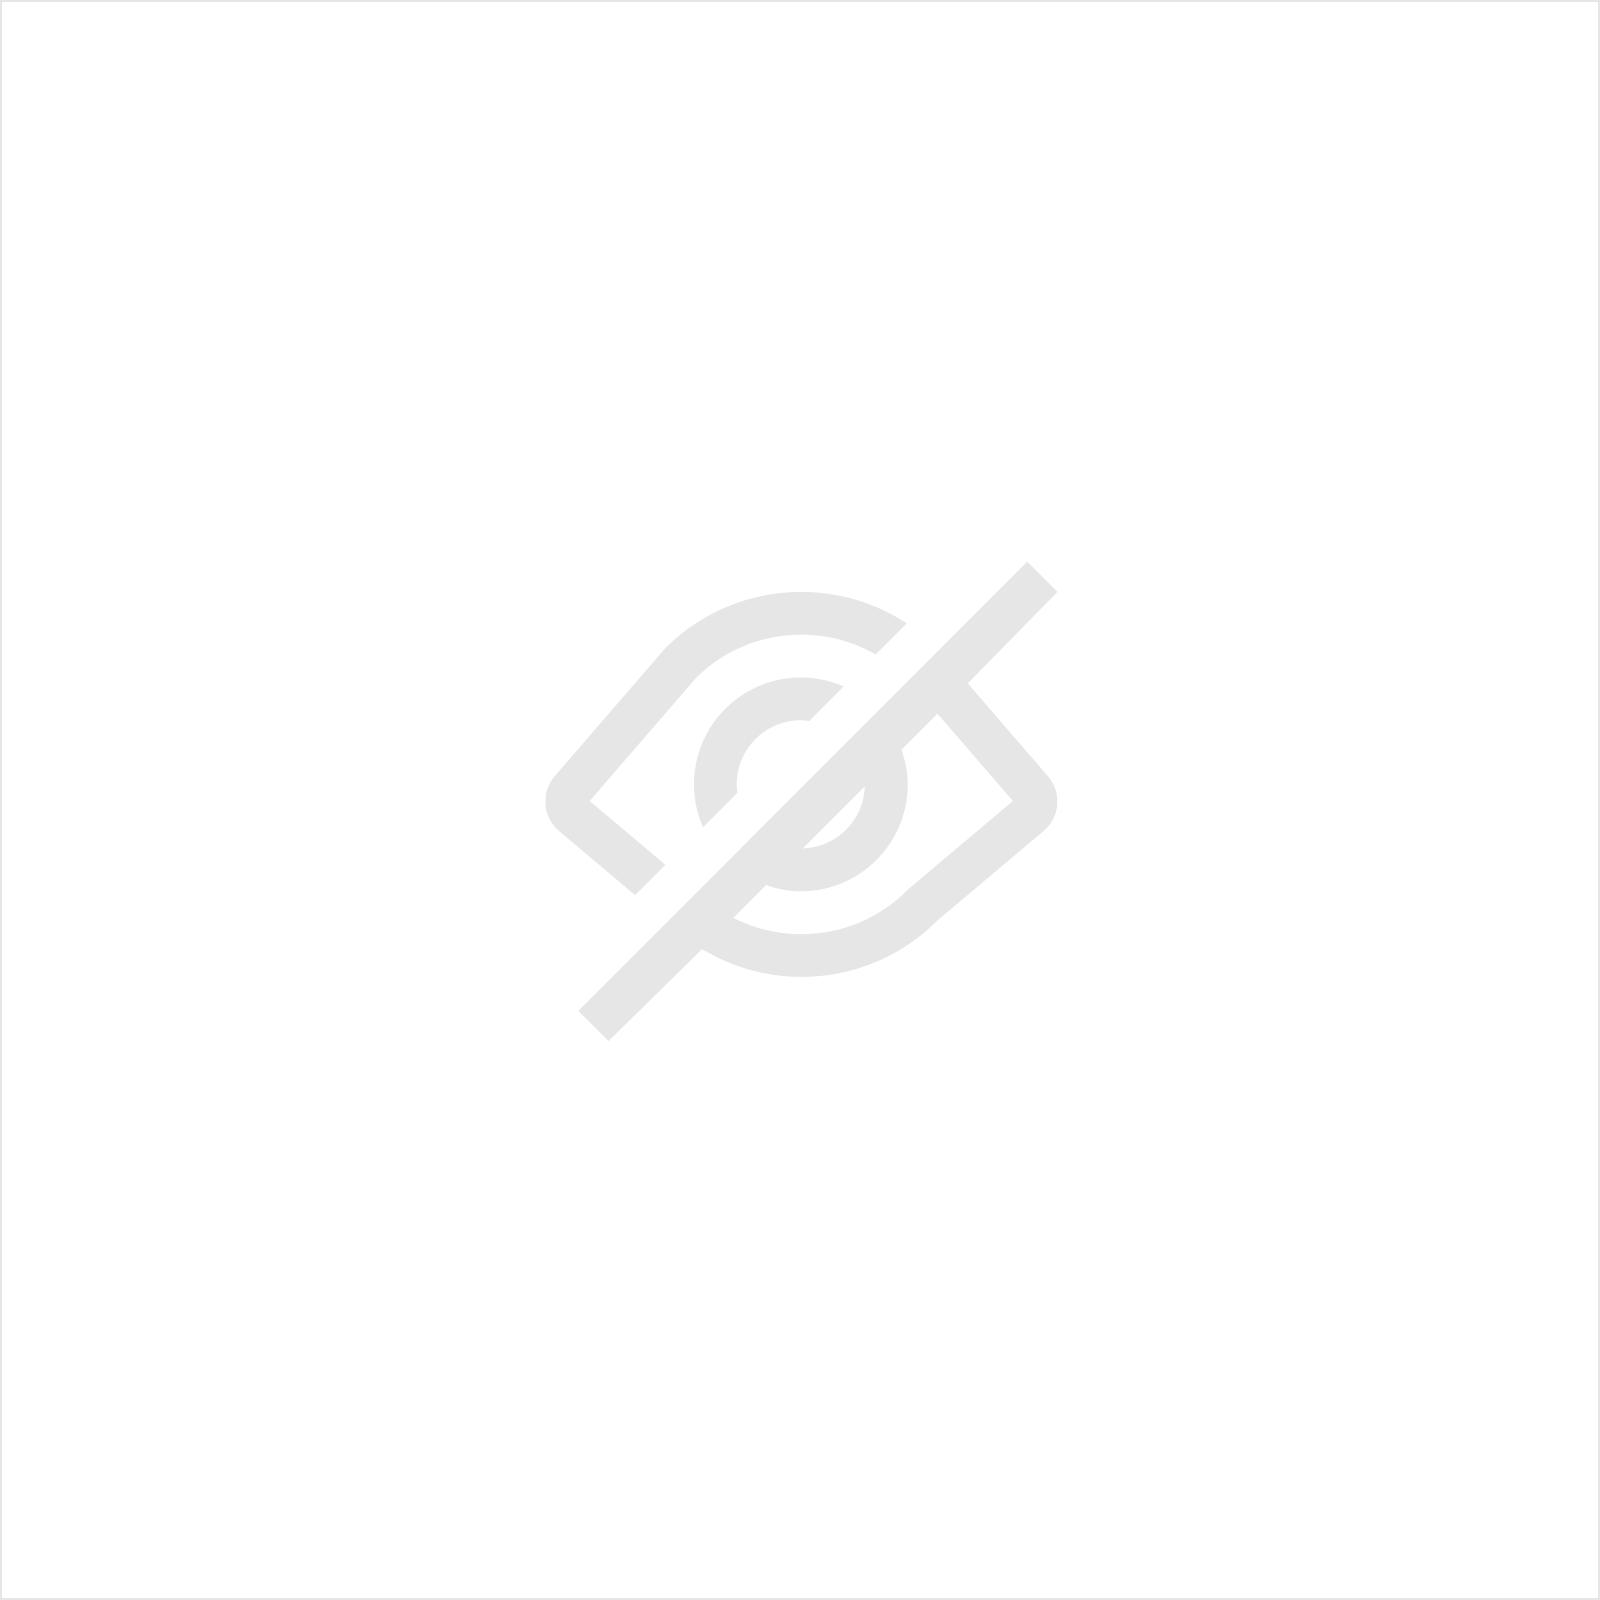 JEU DE MOLETTES OPTIONNELLES - LOUVER ROLL - POUR BORDEUSE MOULUREUSE